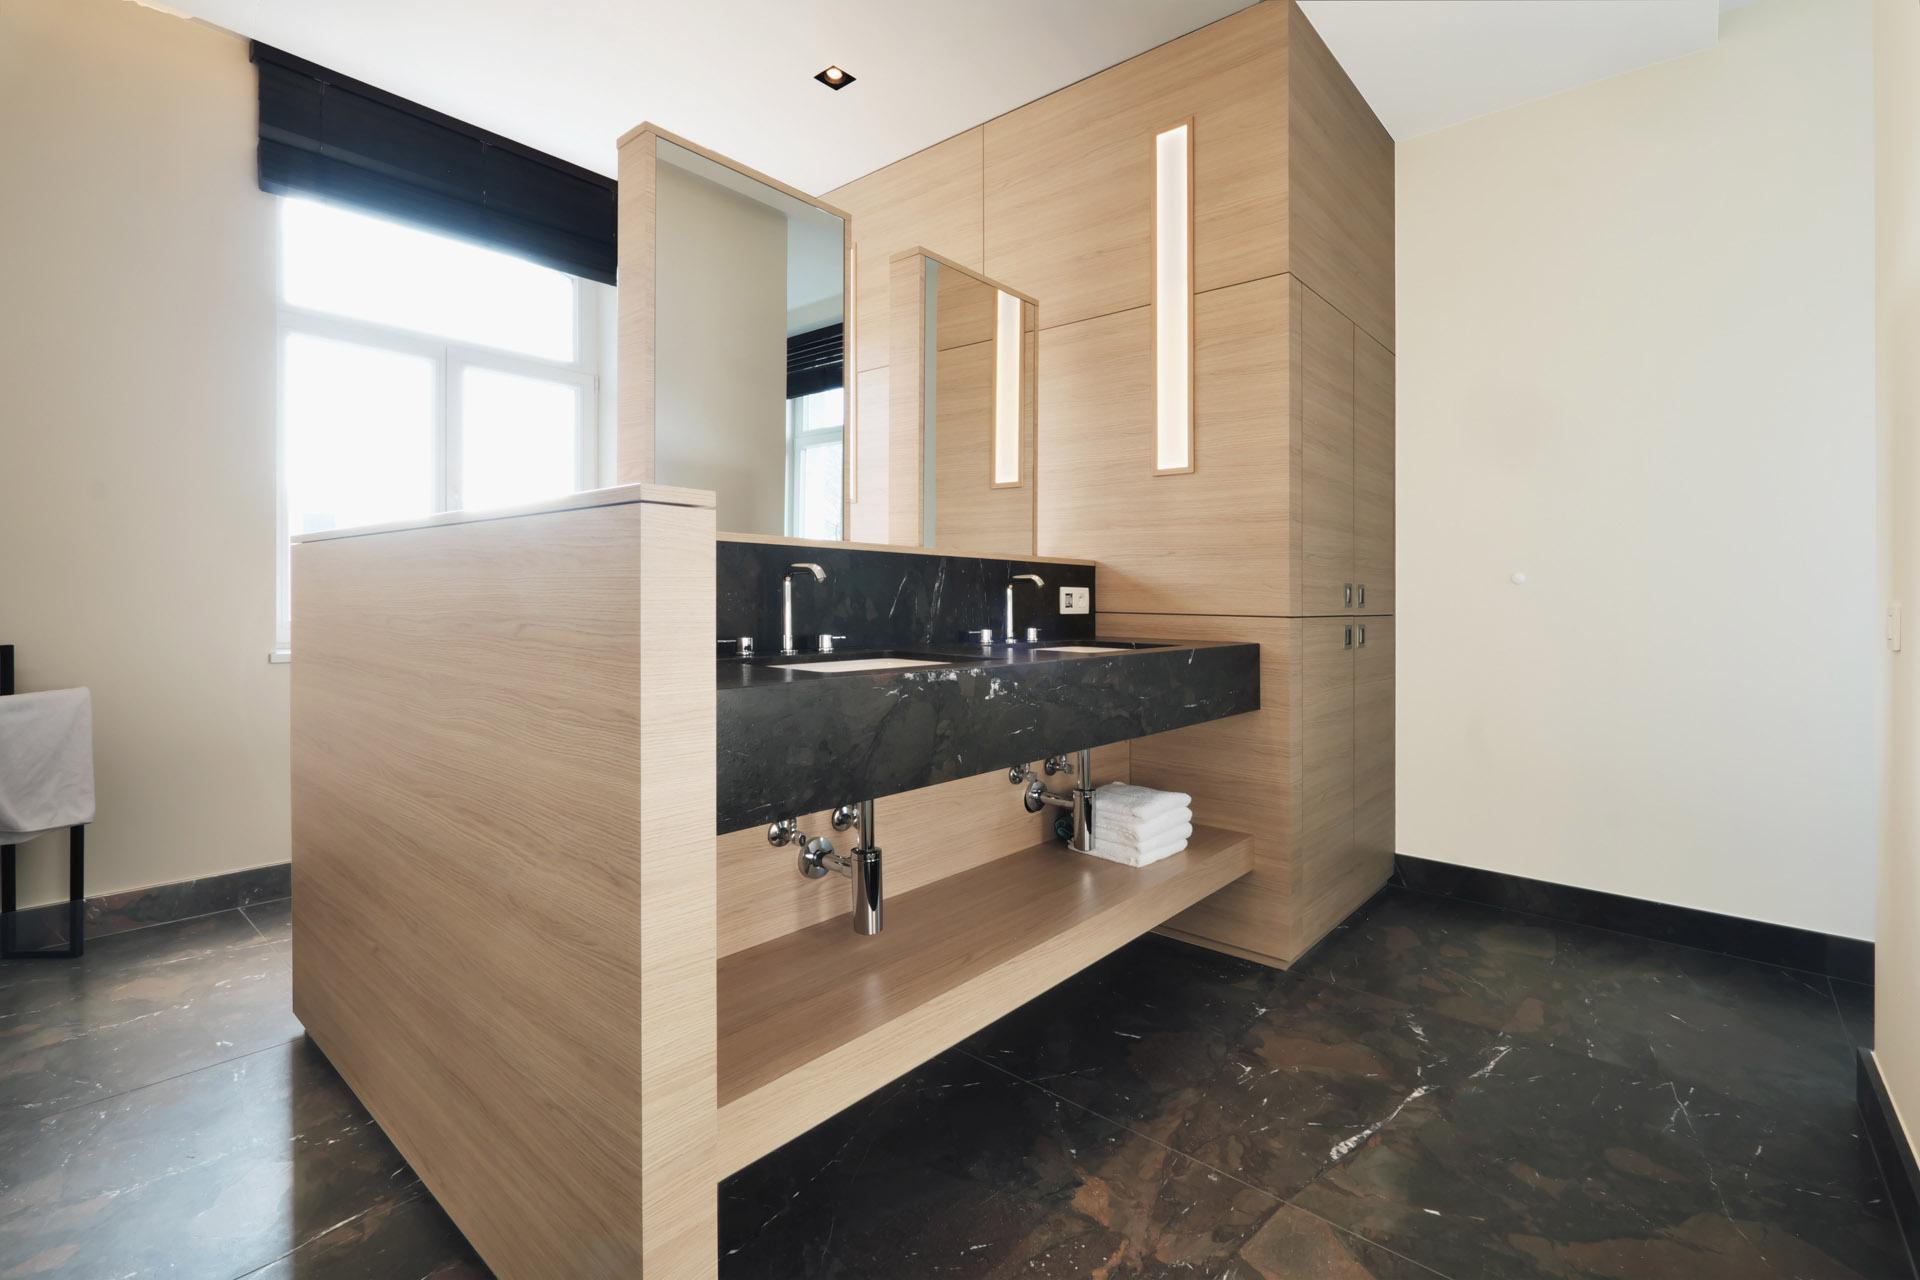 Badstudio Radermacher in der Euregio realisiert individuelle Natursteinbäder nach Kundenwunsch